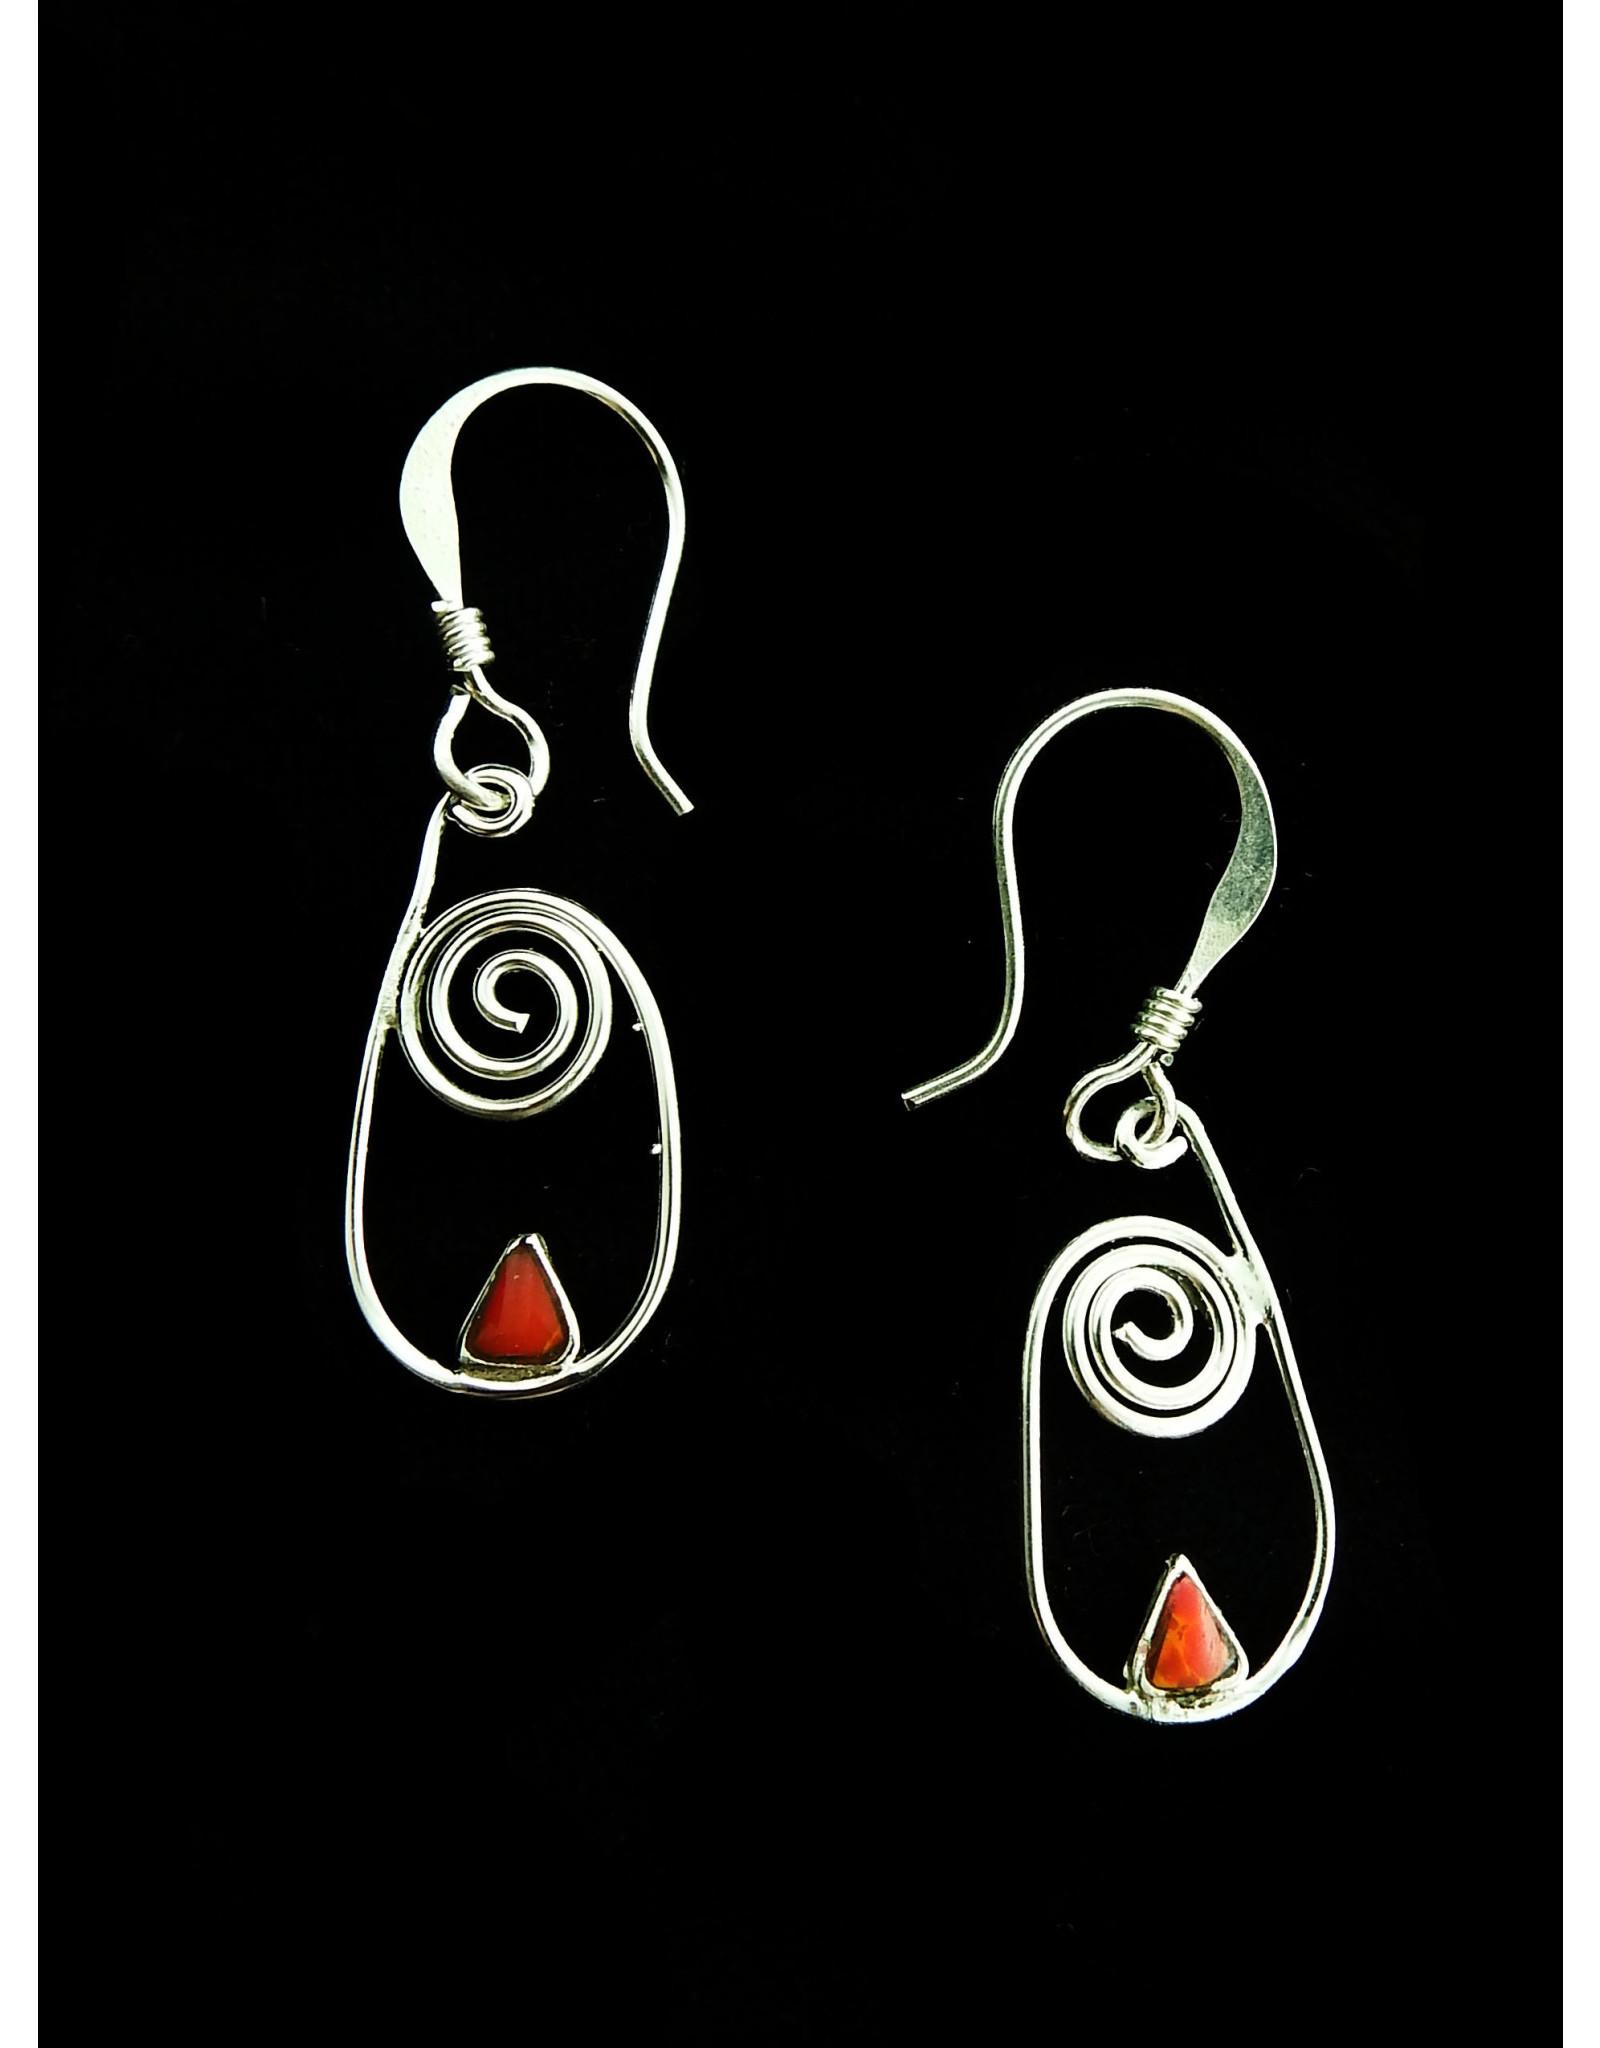 Bloodstone Alpaca Earrings, Mexico